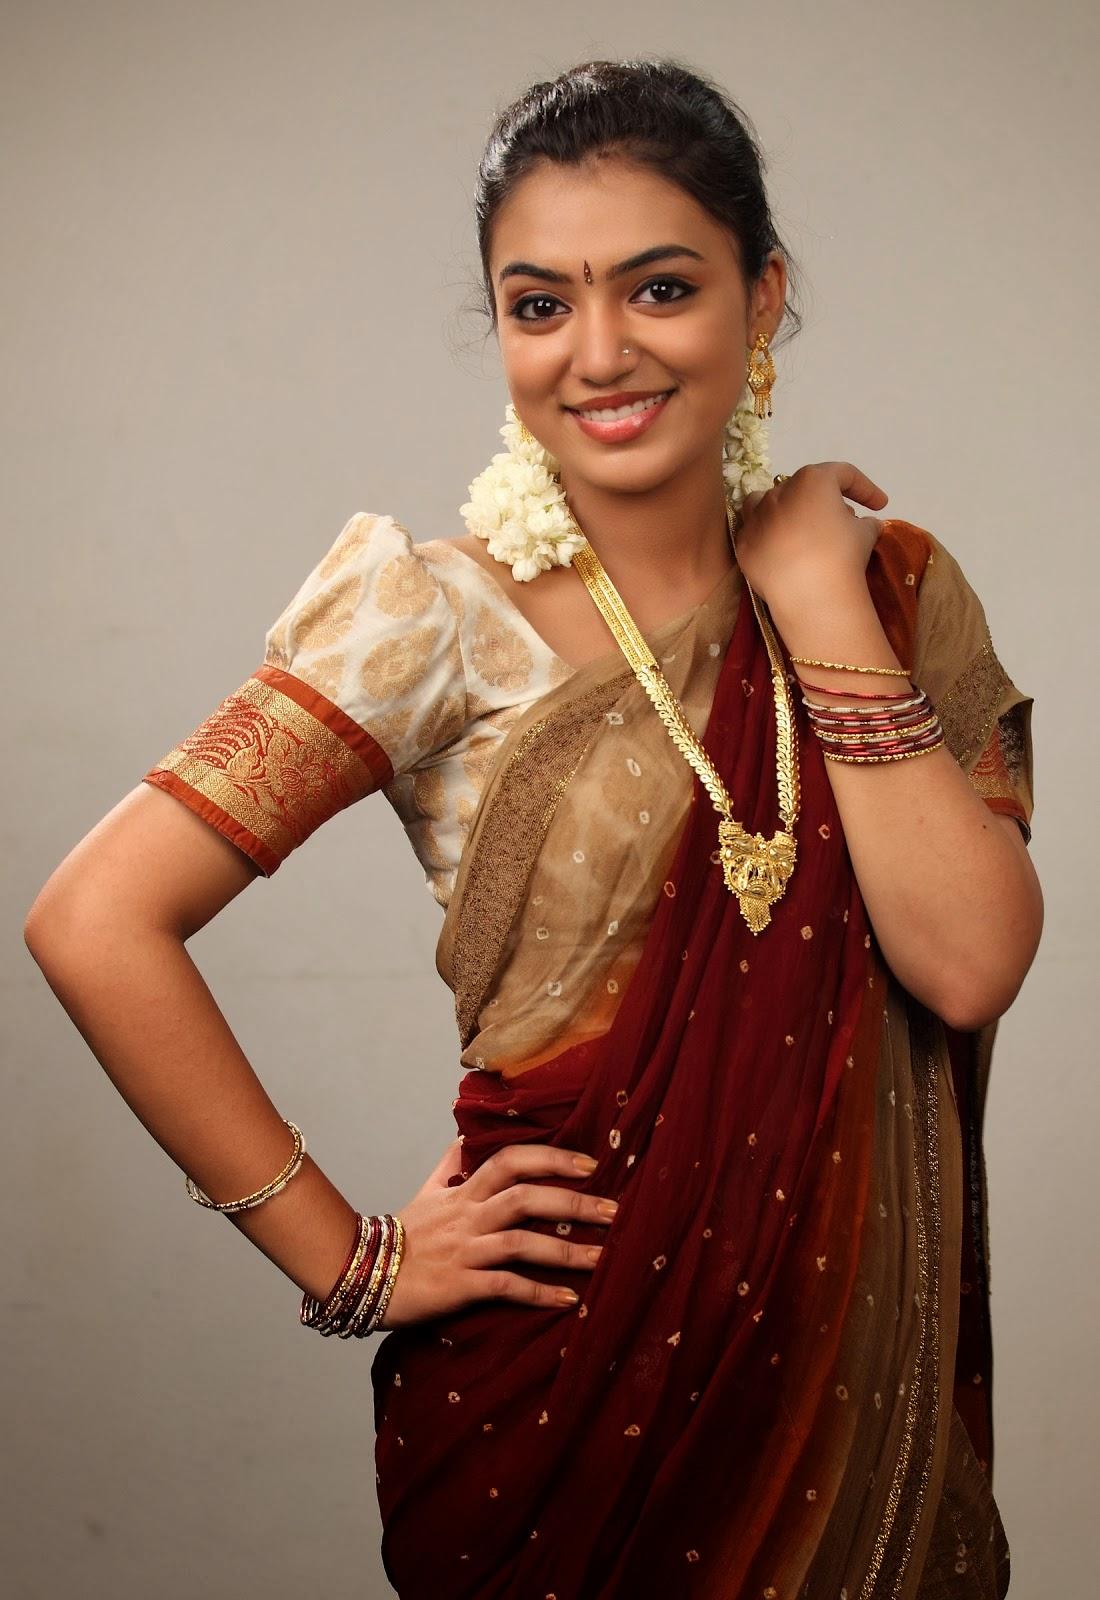 Hot Images: South Indian Actress Nazriya Nazim Hot Photos Collection